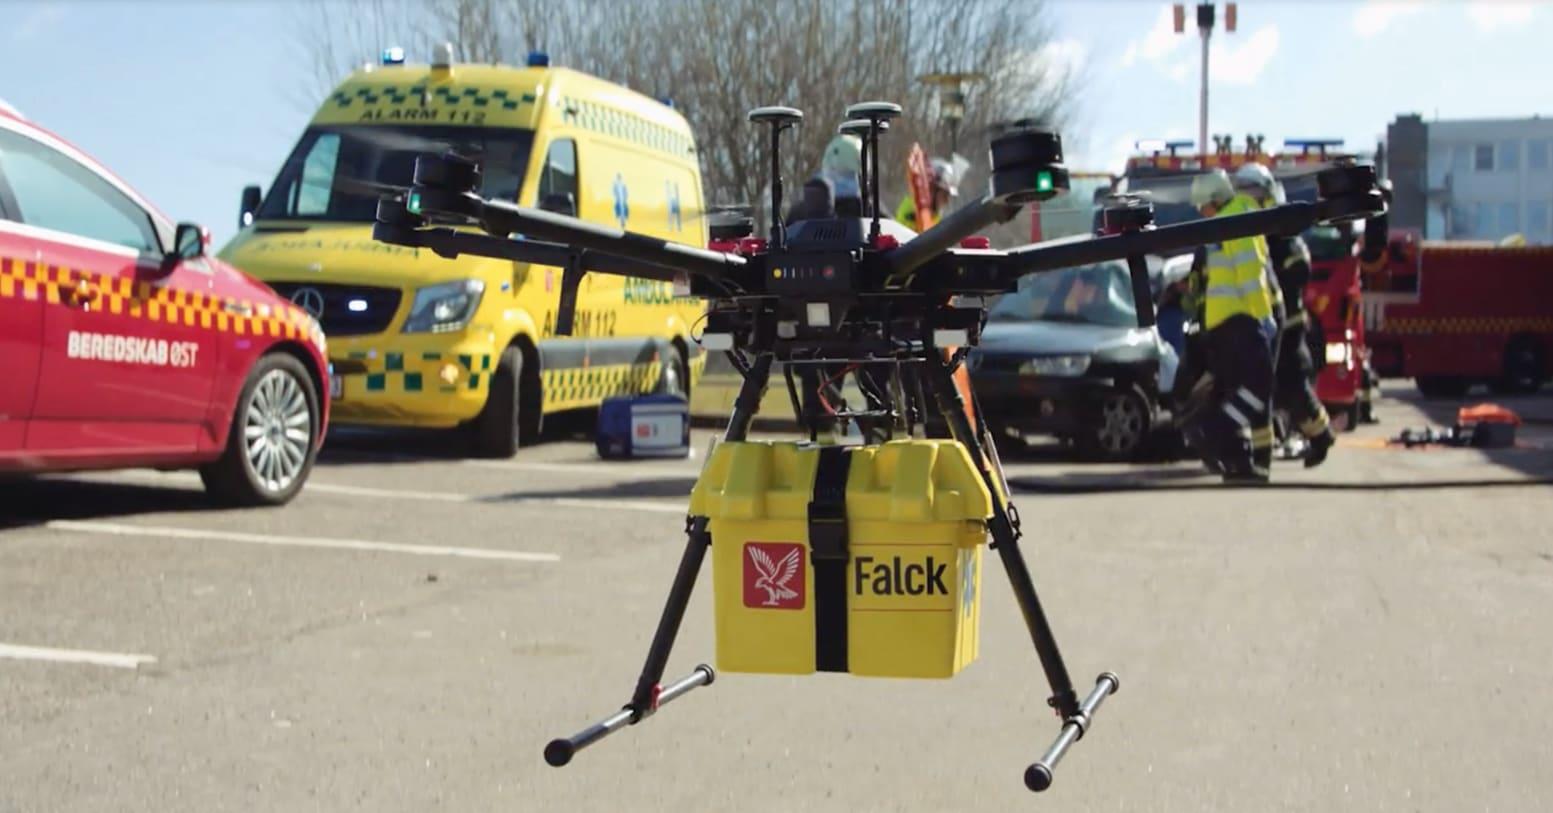 Falck drone